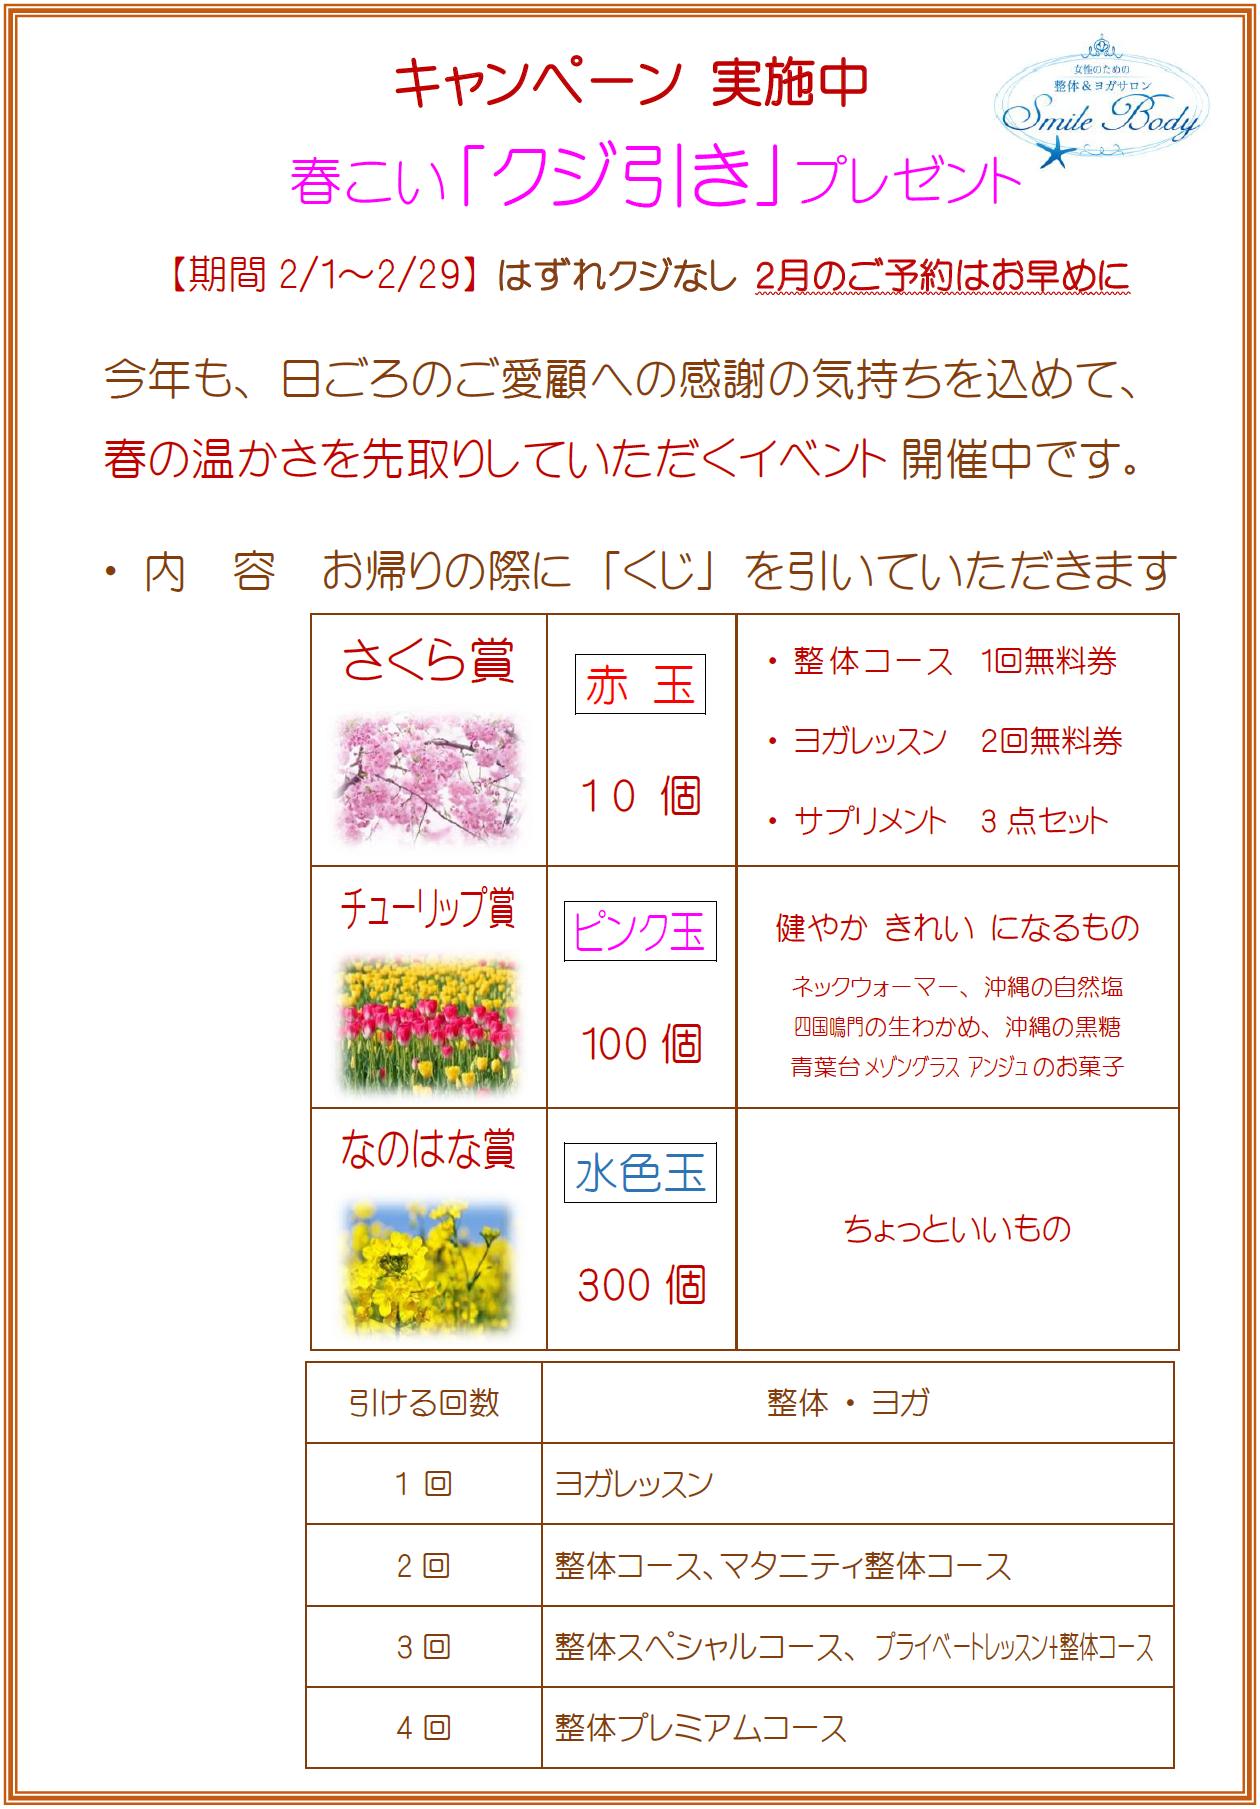 春こいキャンペーン2016.2